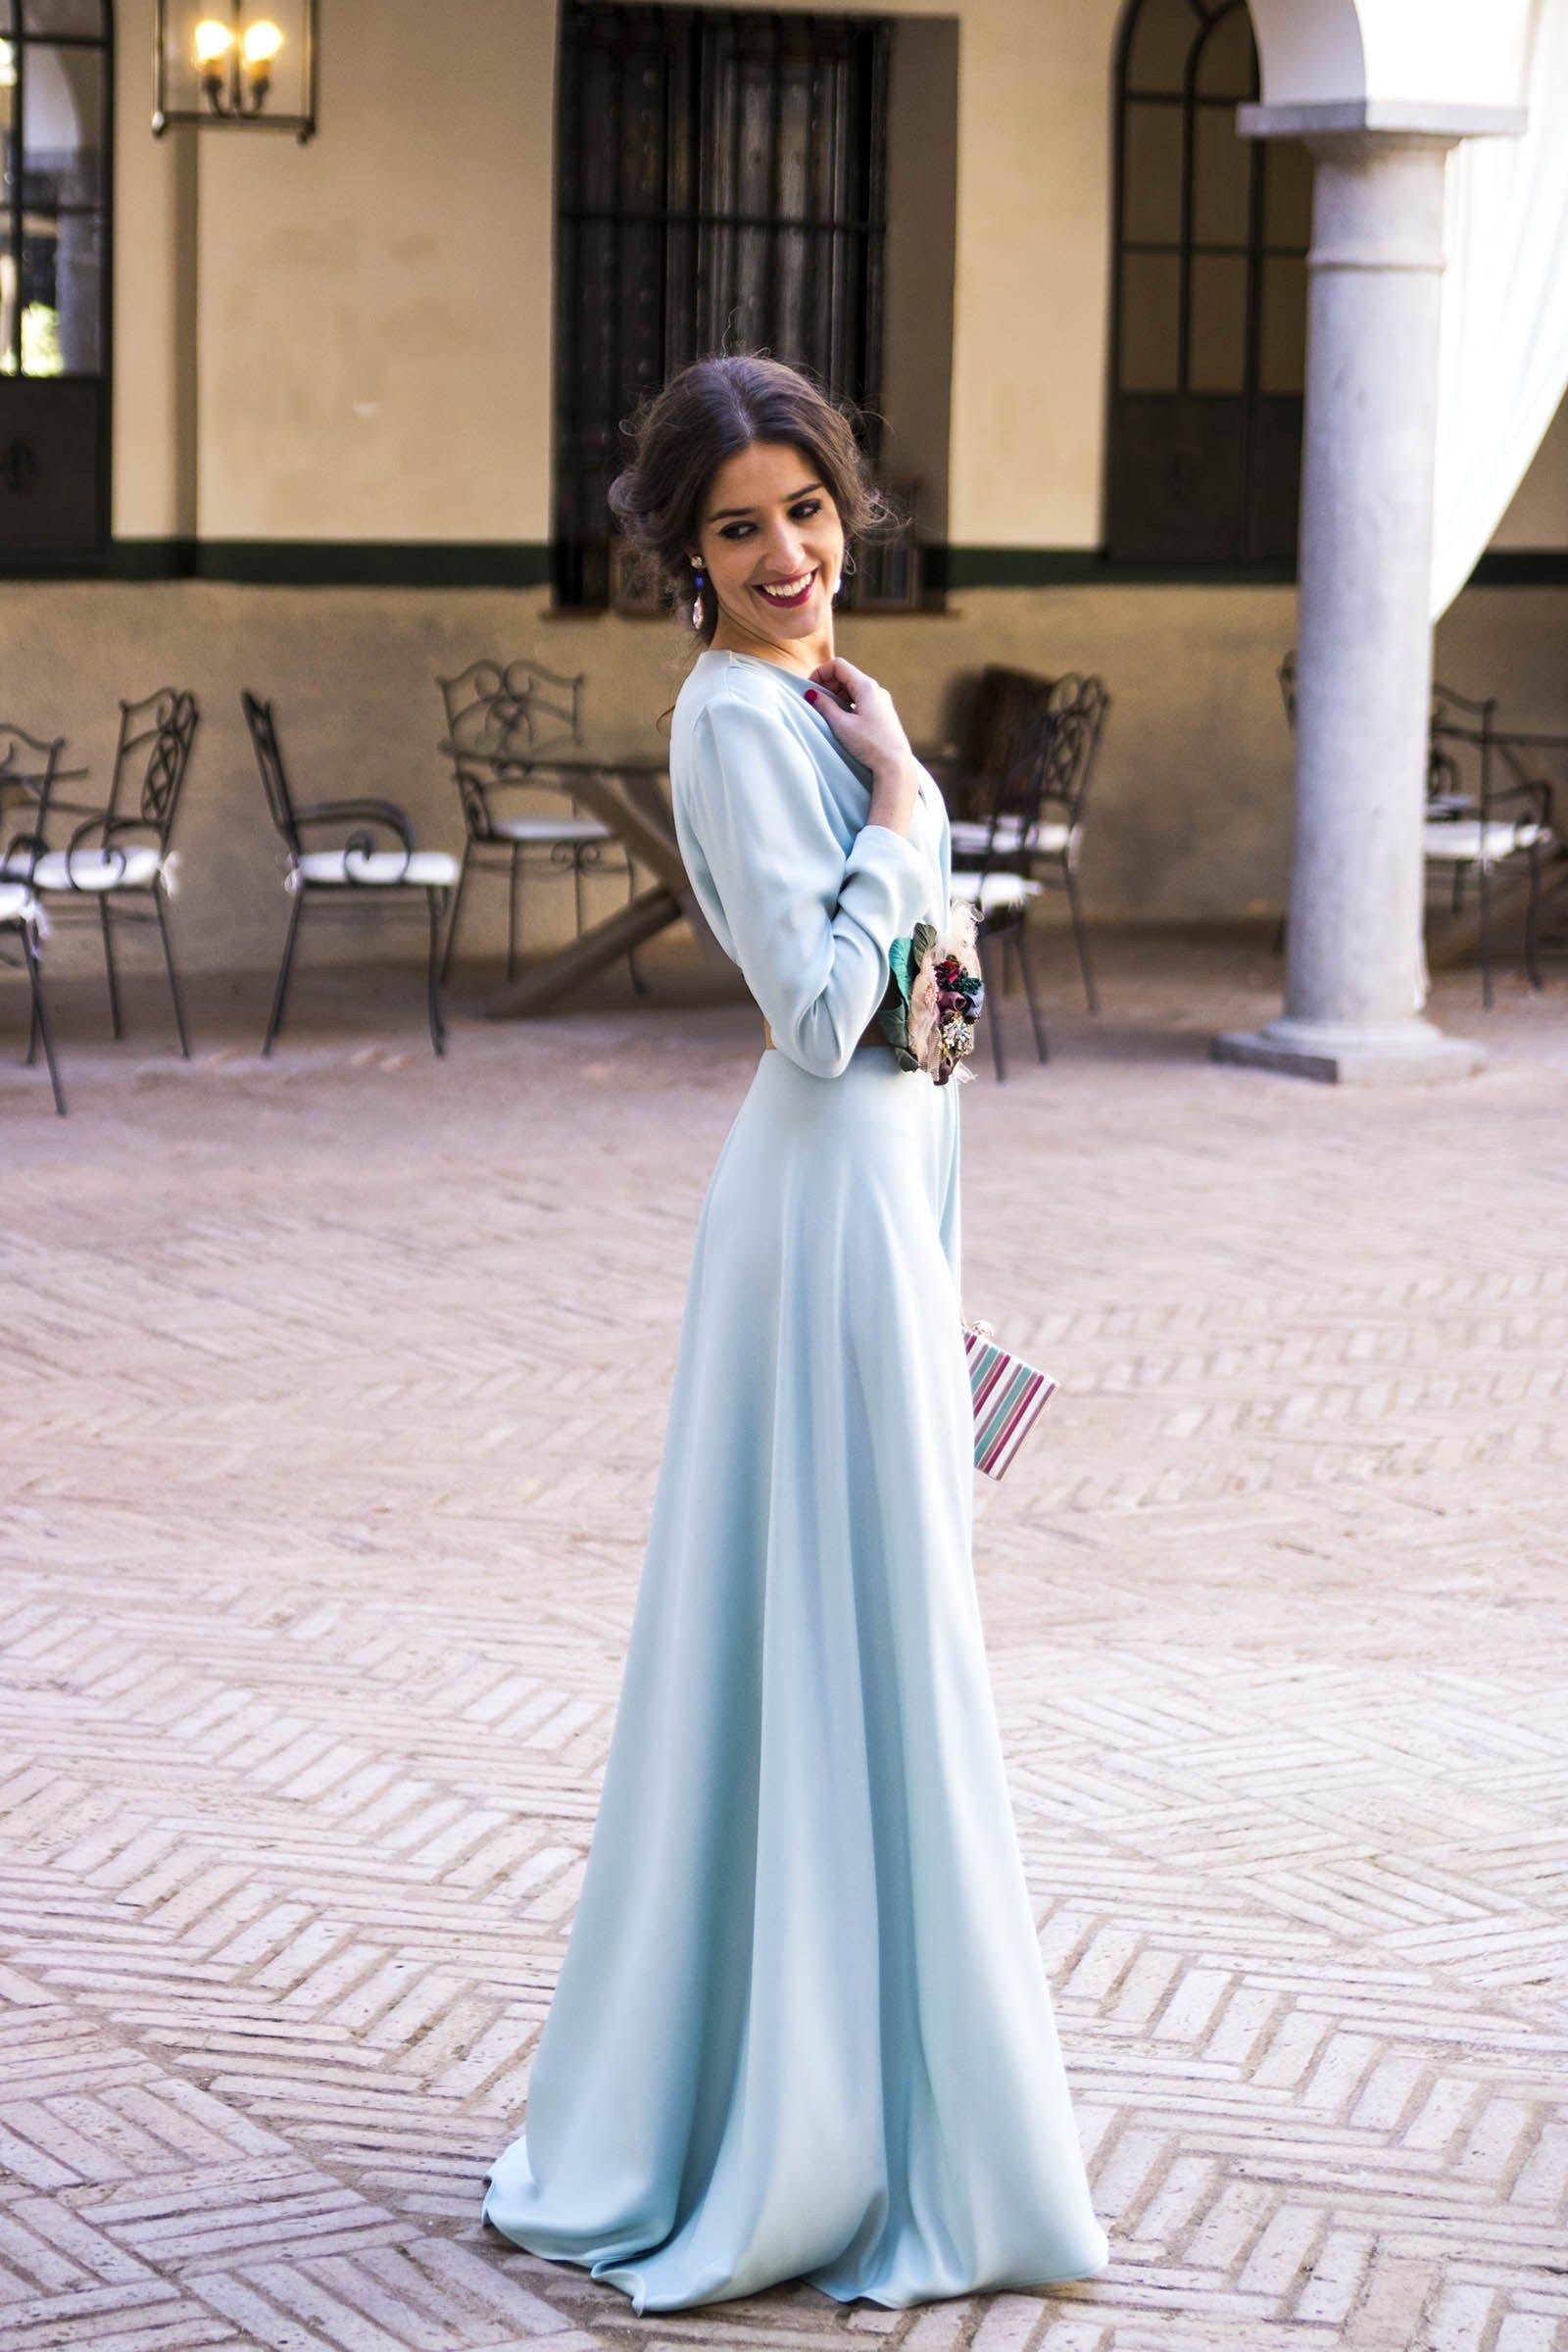 93b4a2d38 Inviitada boda noche azul Matilde Cano | ...elegance | Vestidos de ...